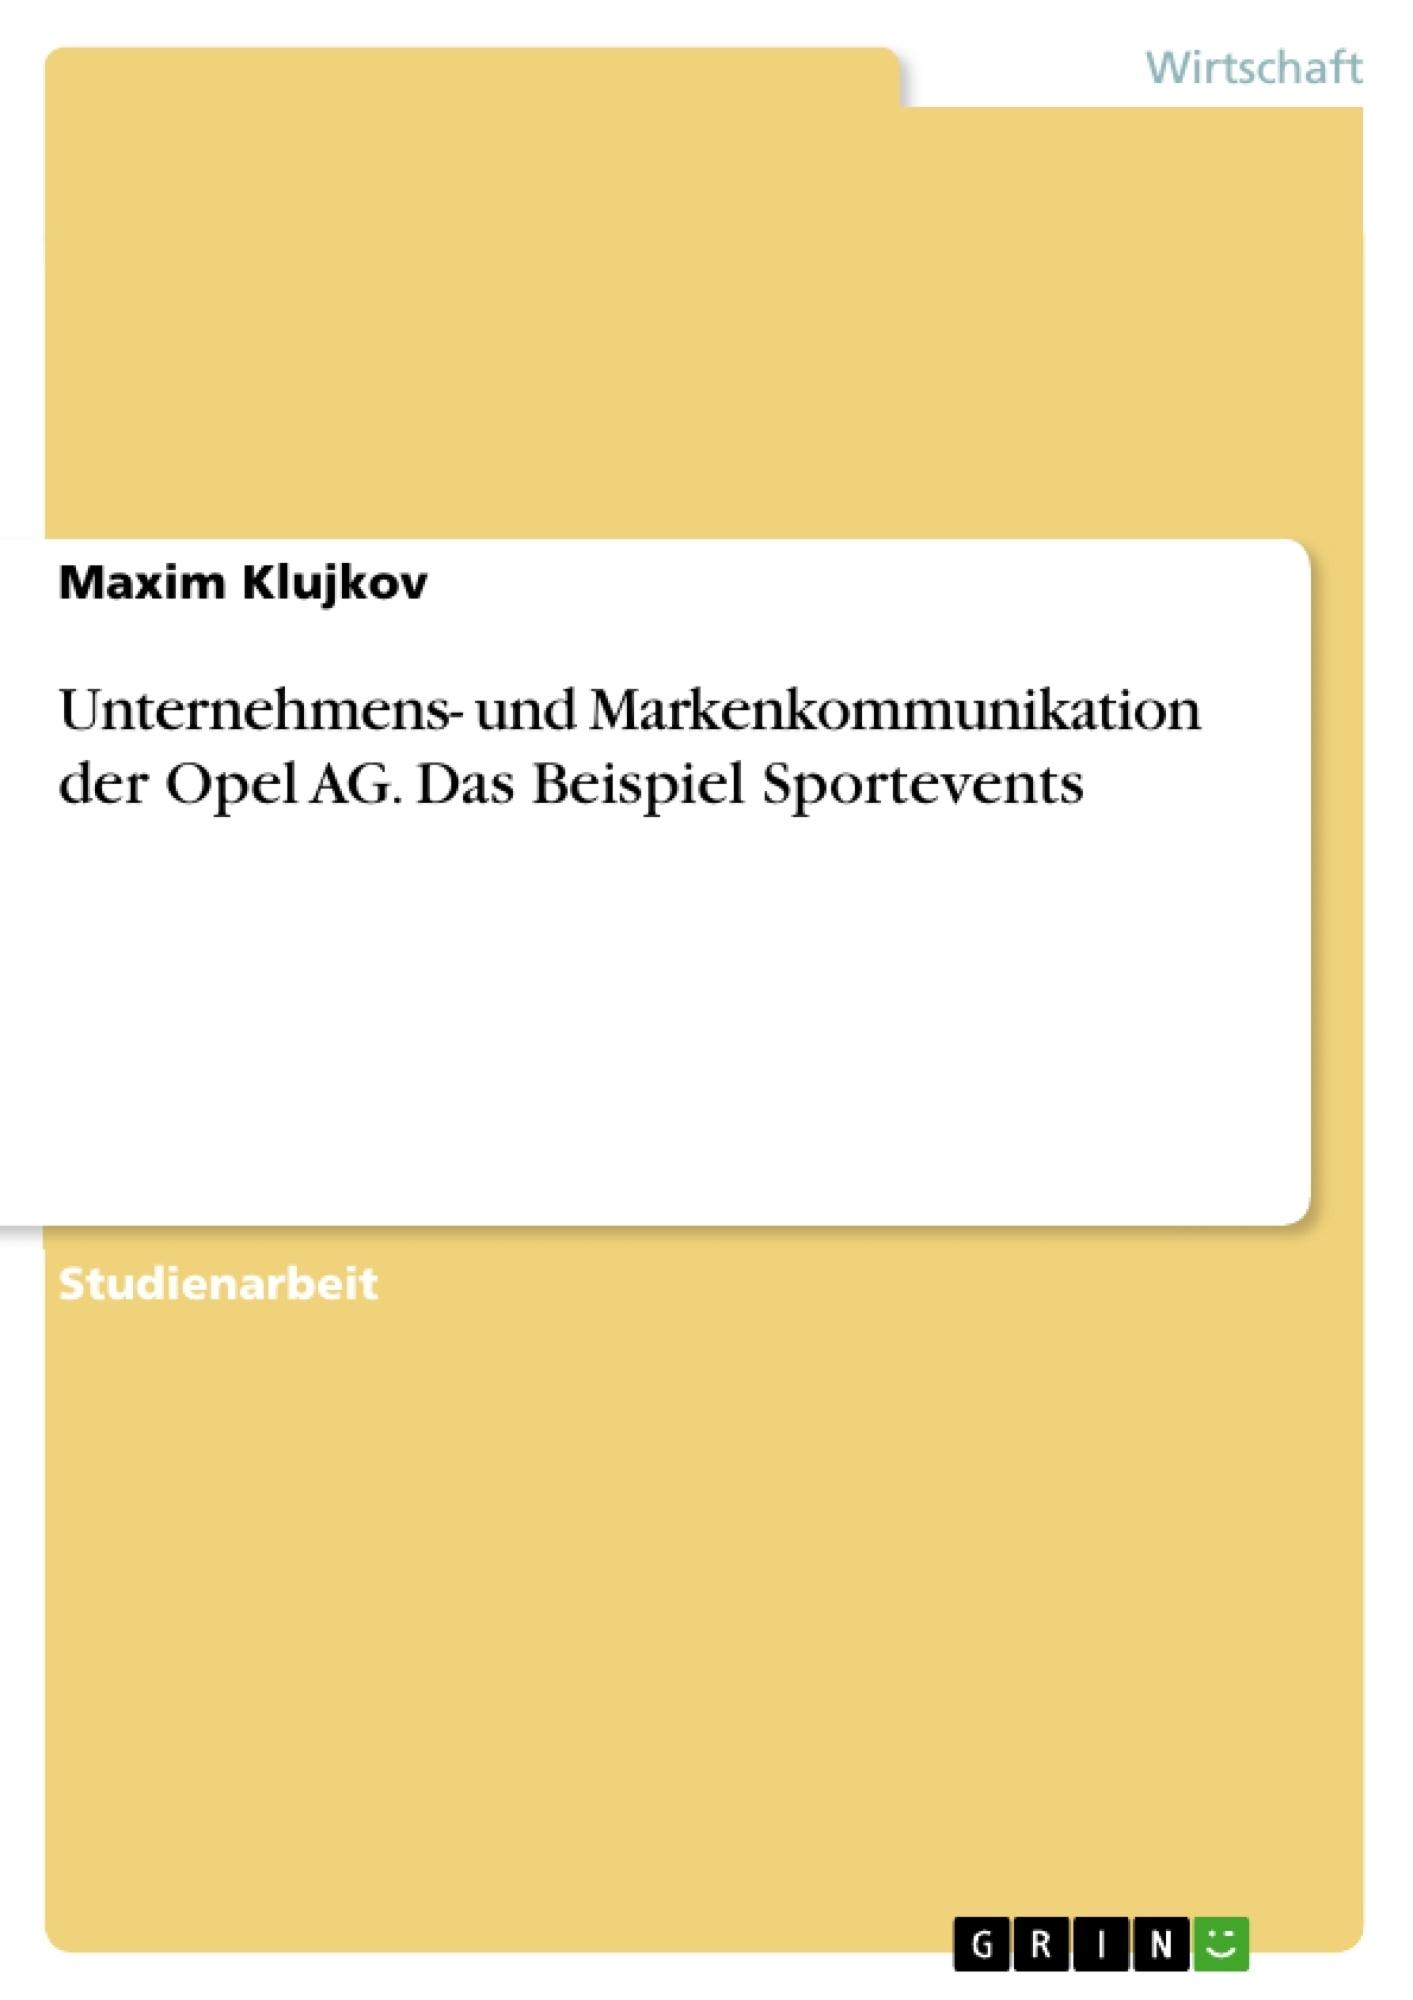 Titel: Unternehmens- und  Markenkommunikation der Opel AG. Das Beispiel Sportevents